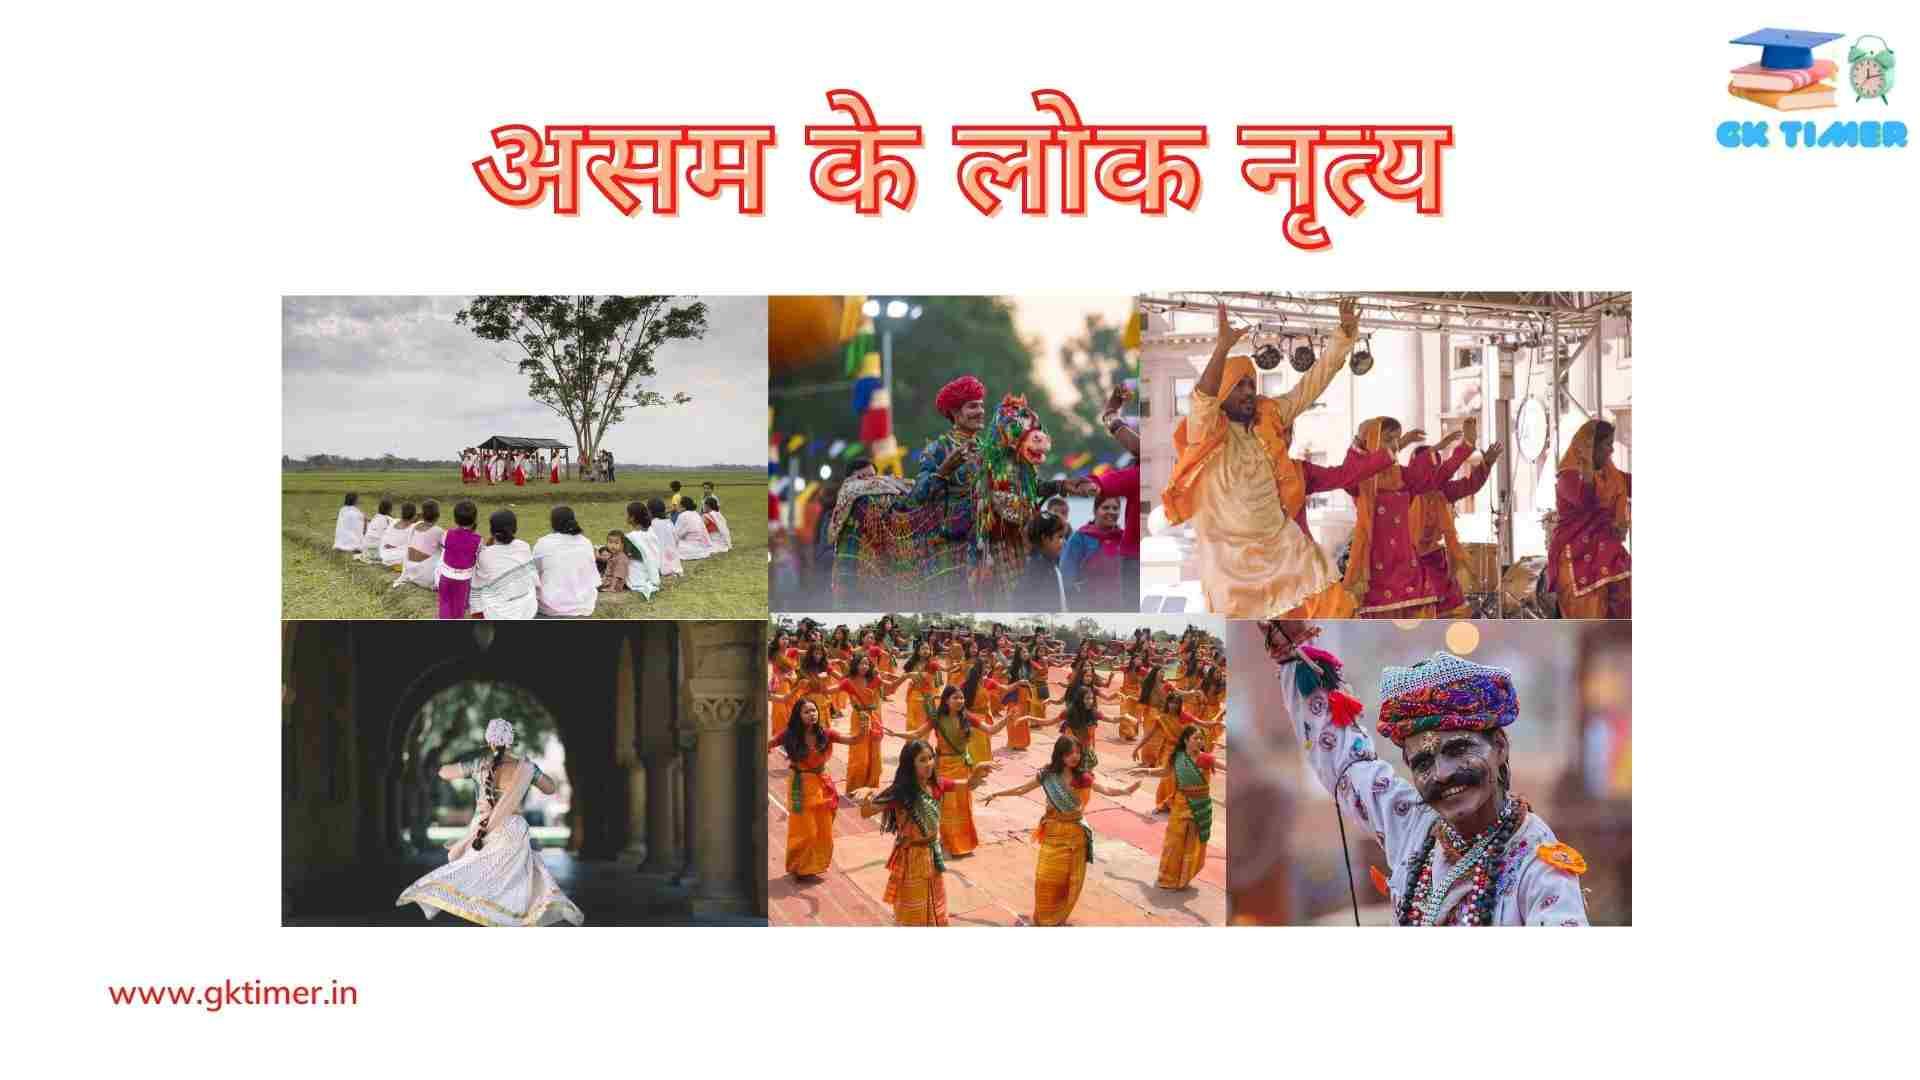 असम के लोकप्रिय लोक नृत्य(बिहू ,  झुमरी, बागुरुम्बा, अली ऐ लिगांग) | Traditional folk dances of  Assam in Hindi